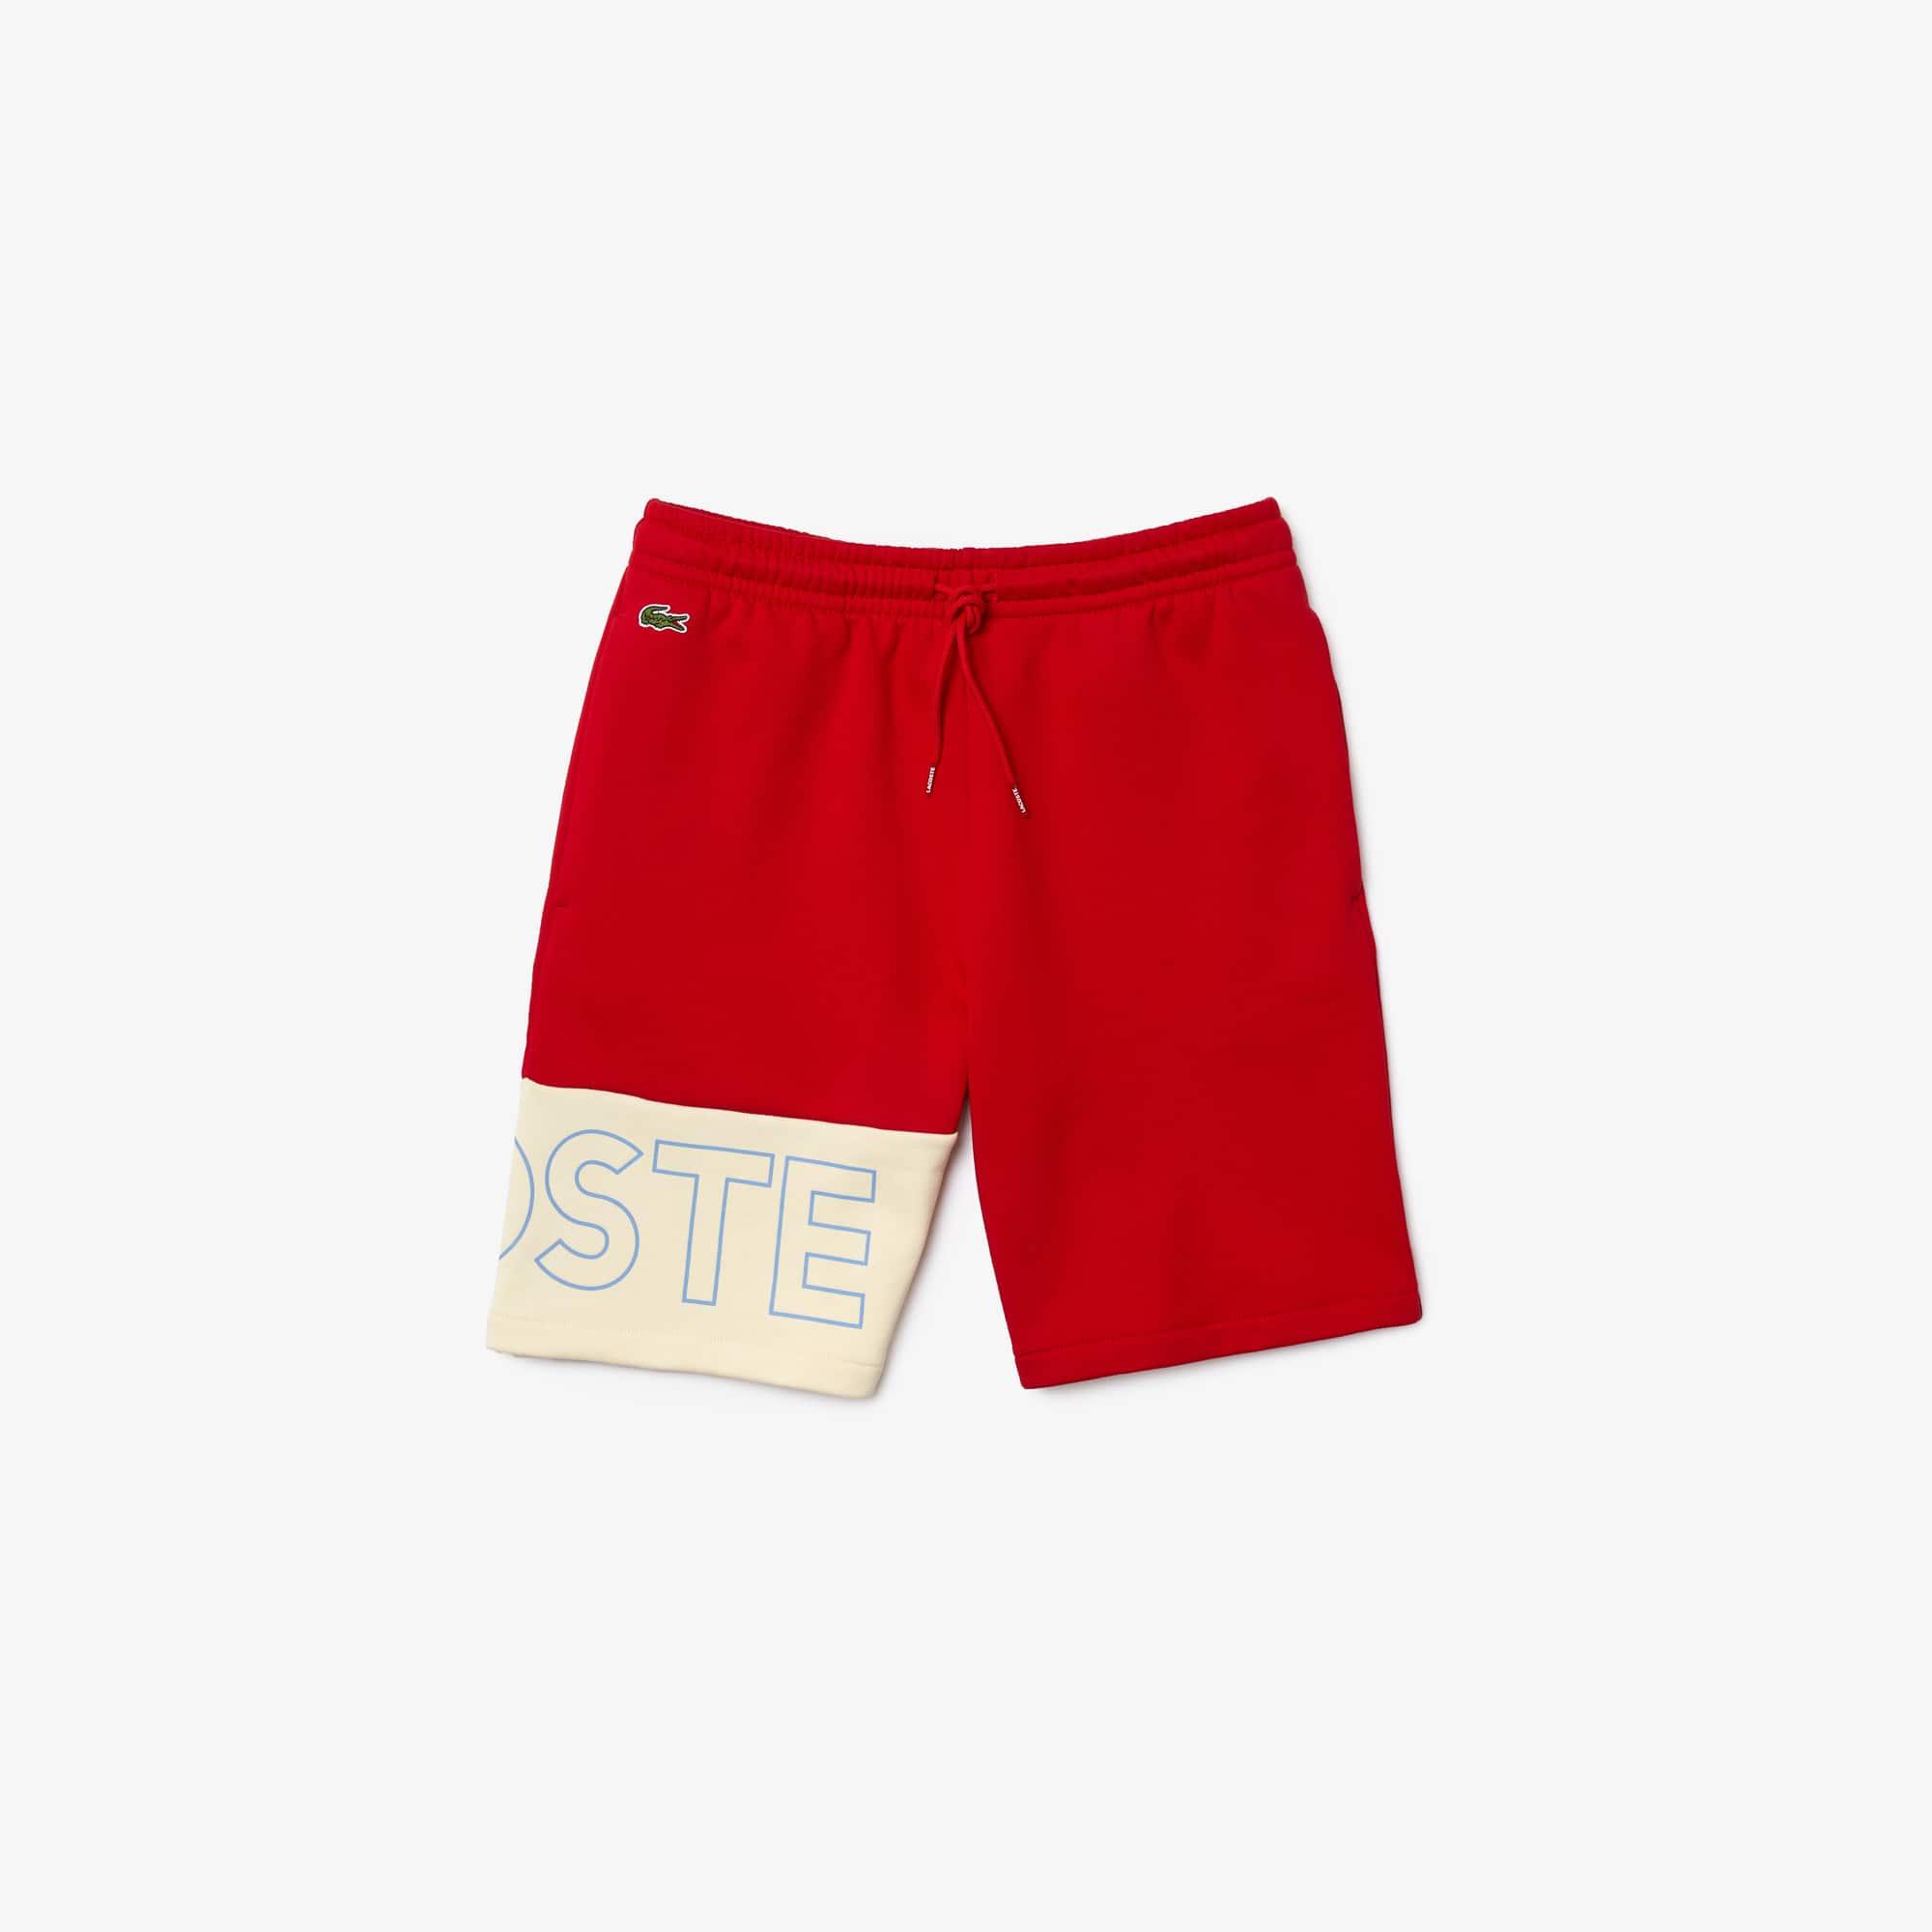 Lacoste Rear Pocket Fleece Shorts Pitch BNWT